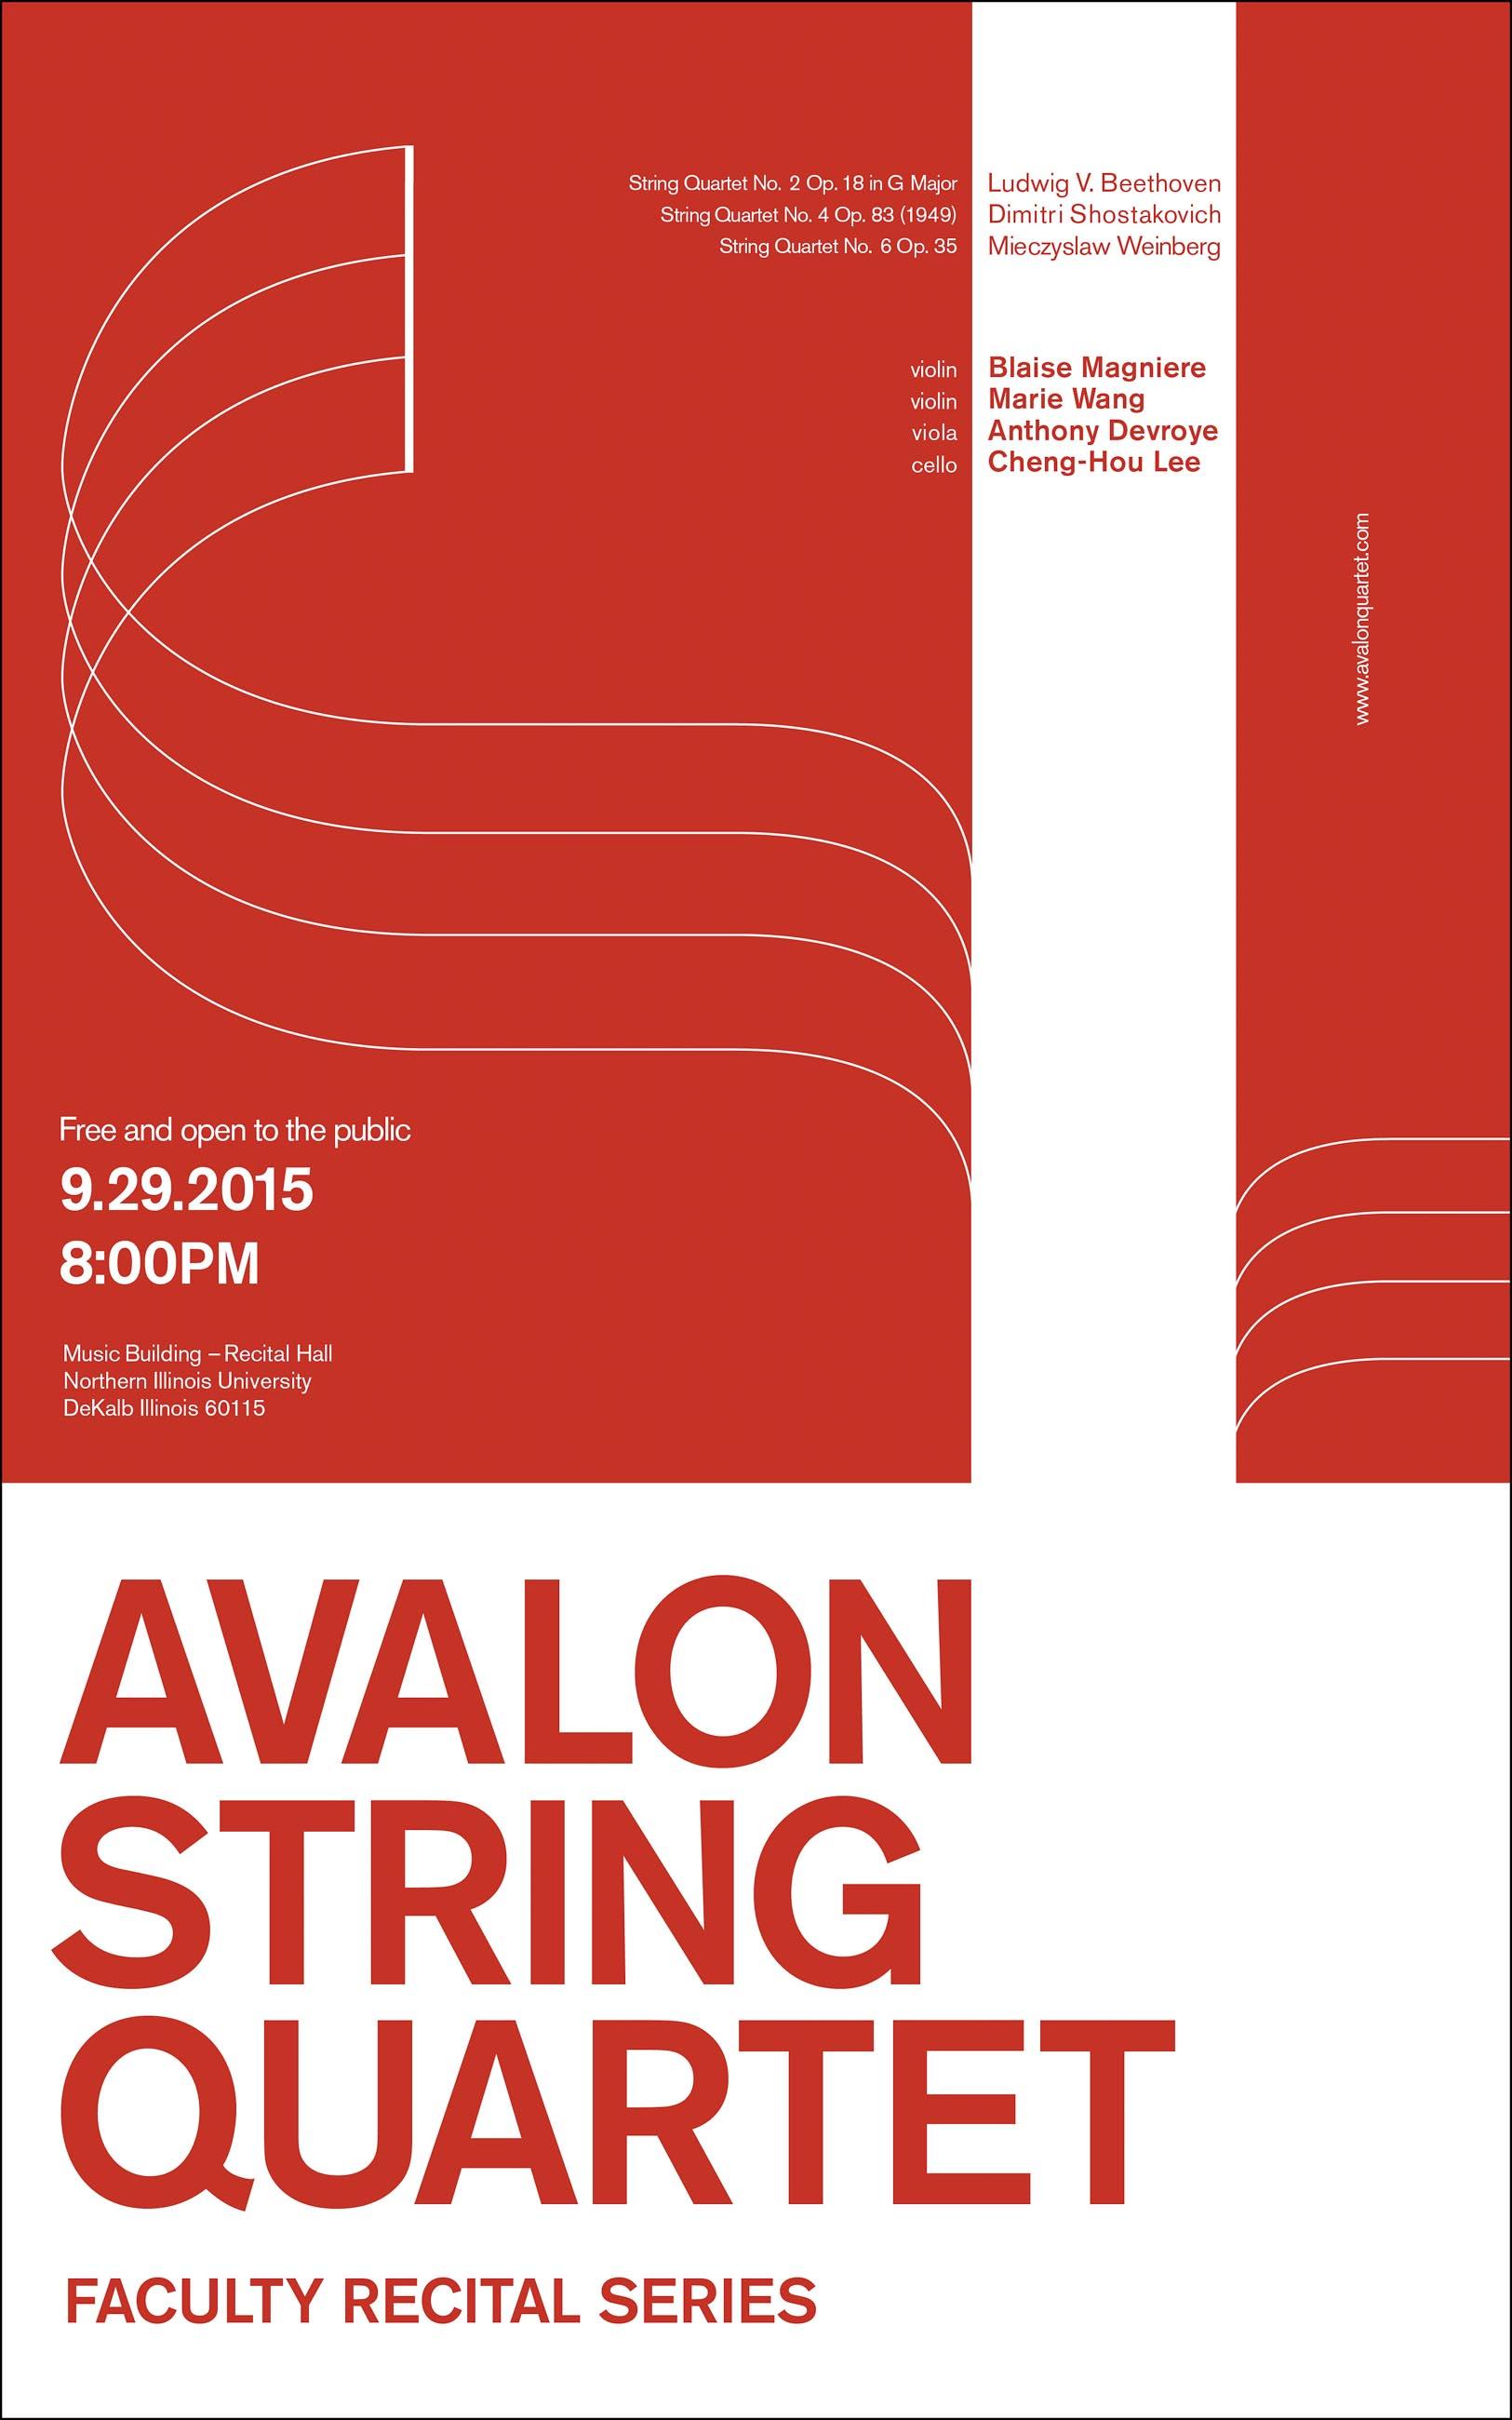 avalon string quartet music event poster